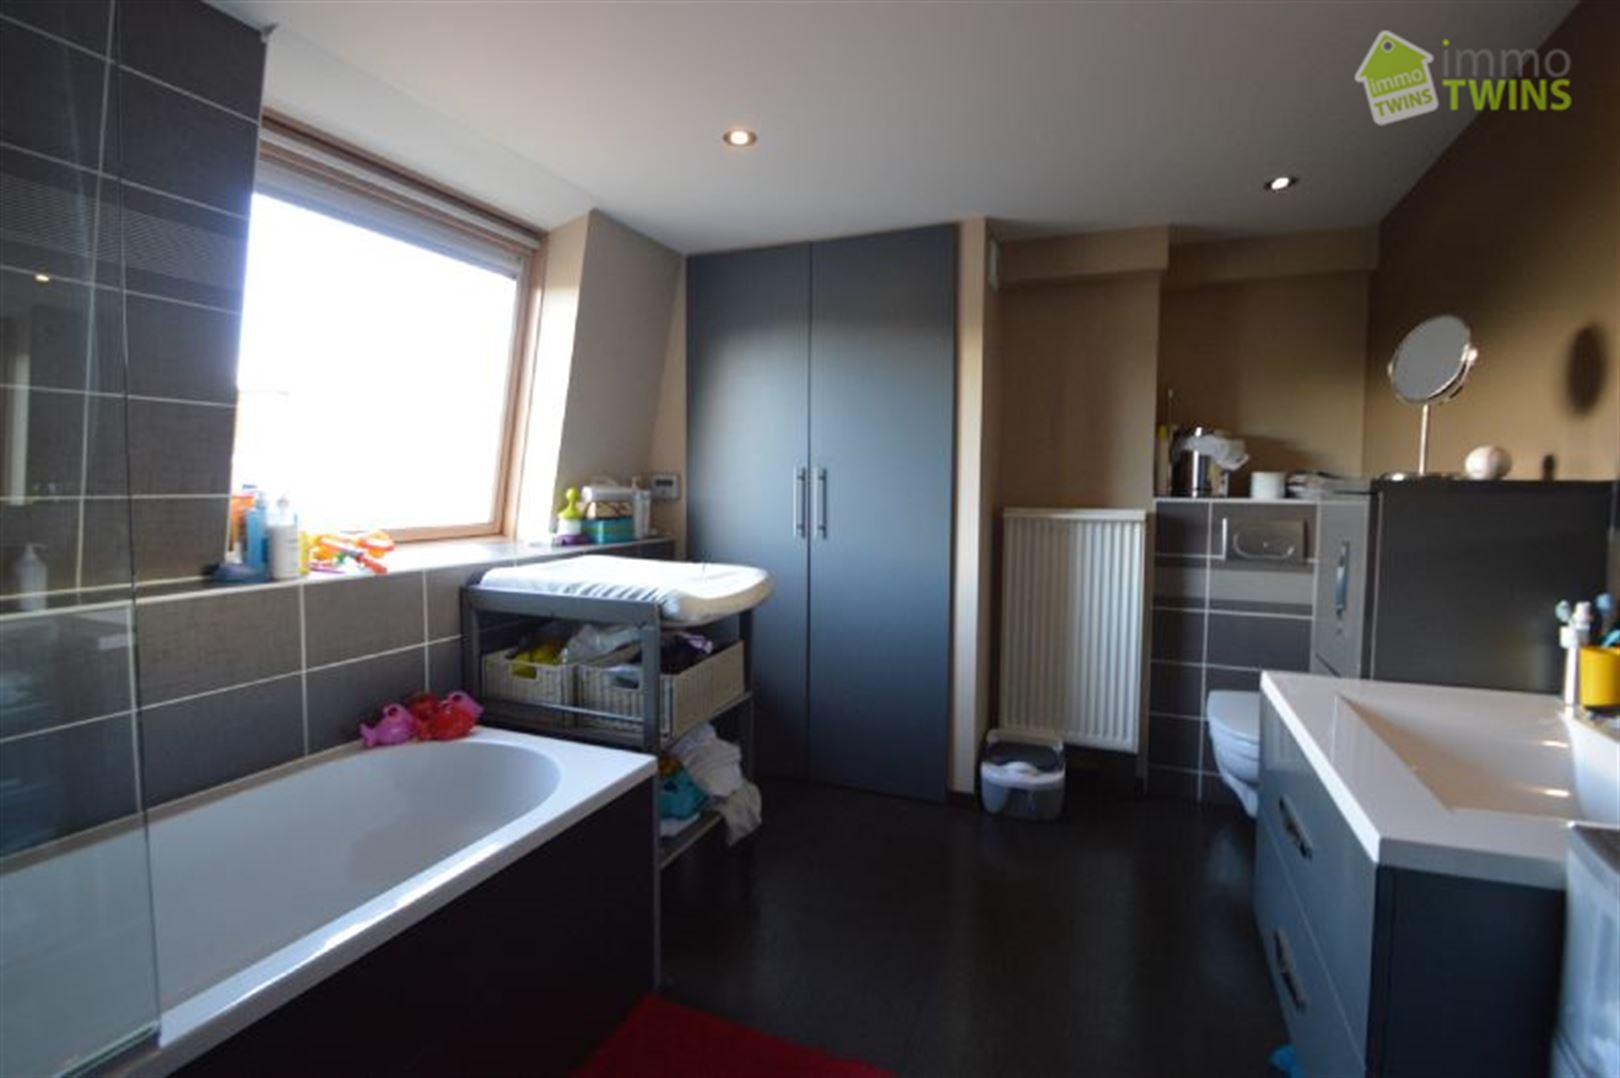 Foto 9 : Huis te 9200 Baasrode (België) - Prijs € 725